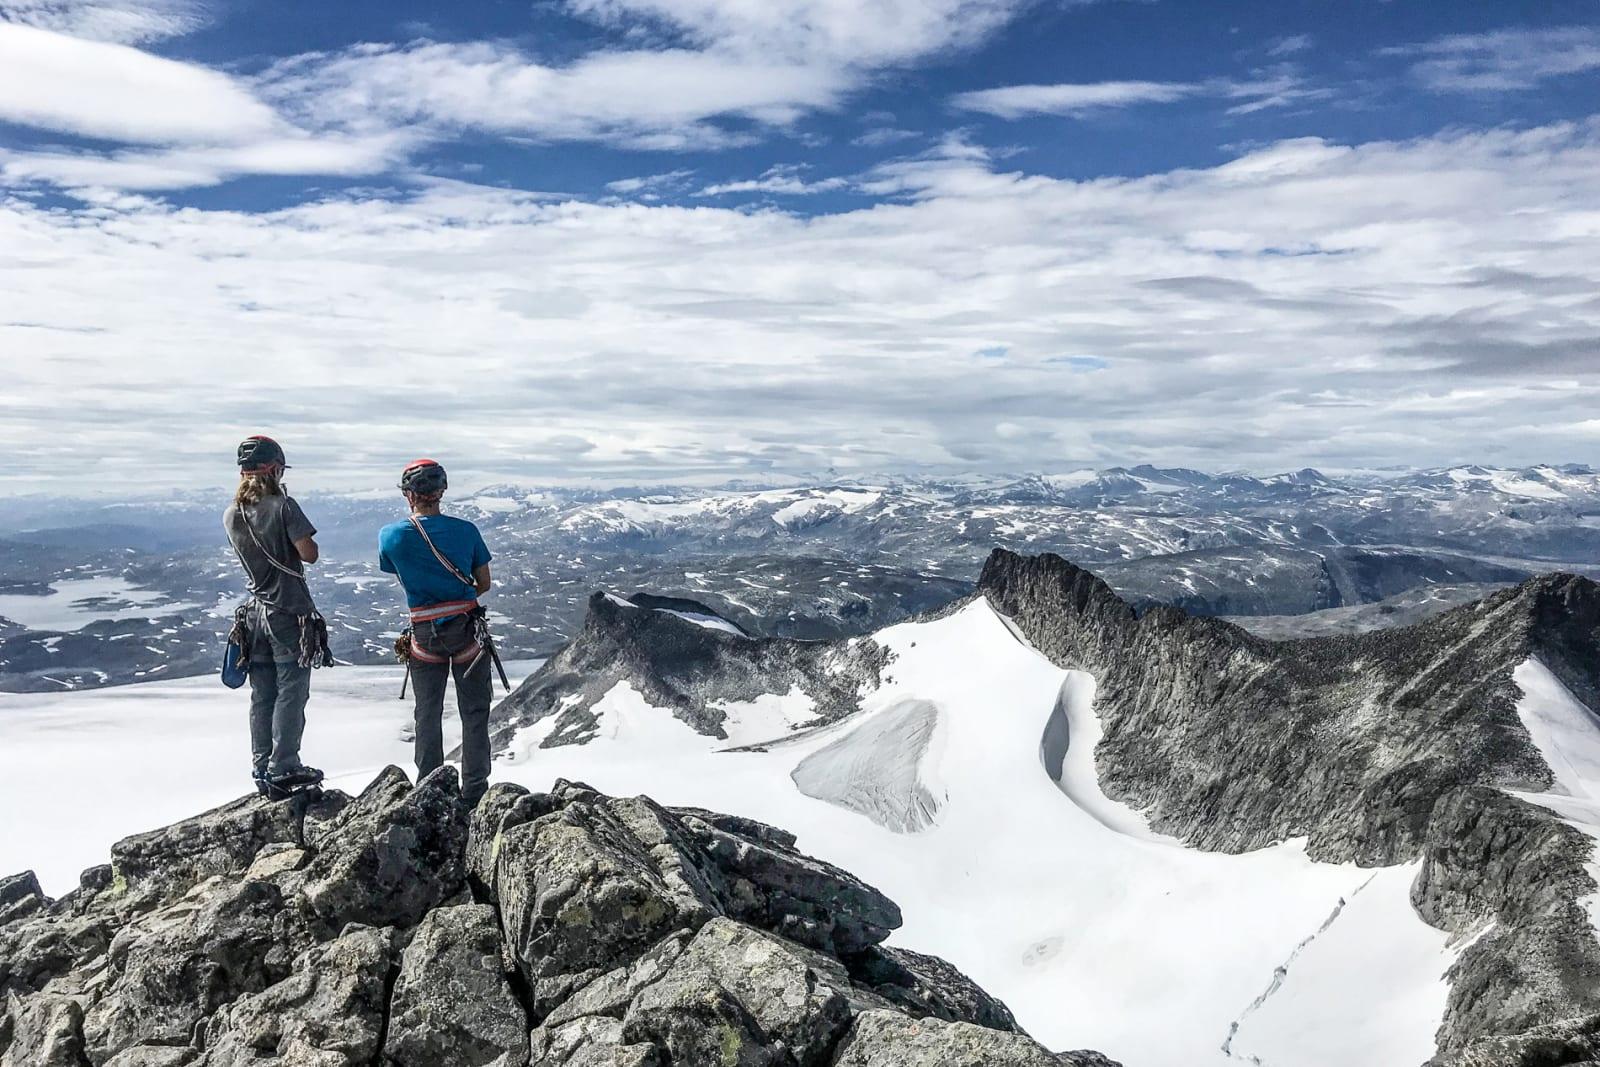 SMØRSTABBTIND-TRAVERSEN: Vetle Eriksen Dirdal og Håvard Skaar Skogesal på toppen av Storebjørn (2222 moh). Bilde: Bård Basberg